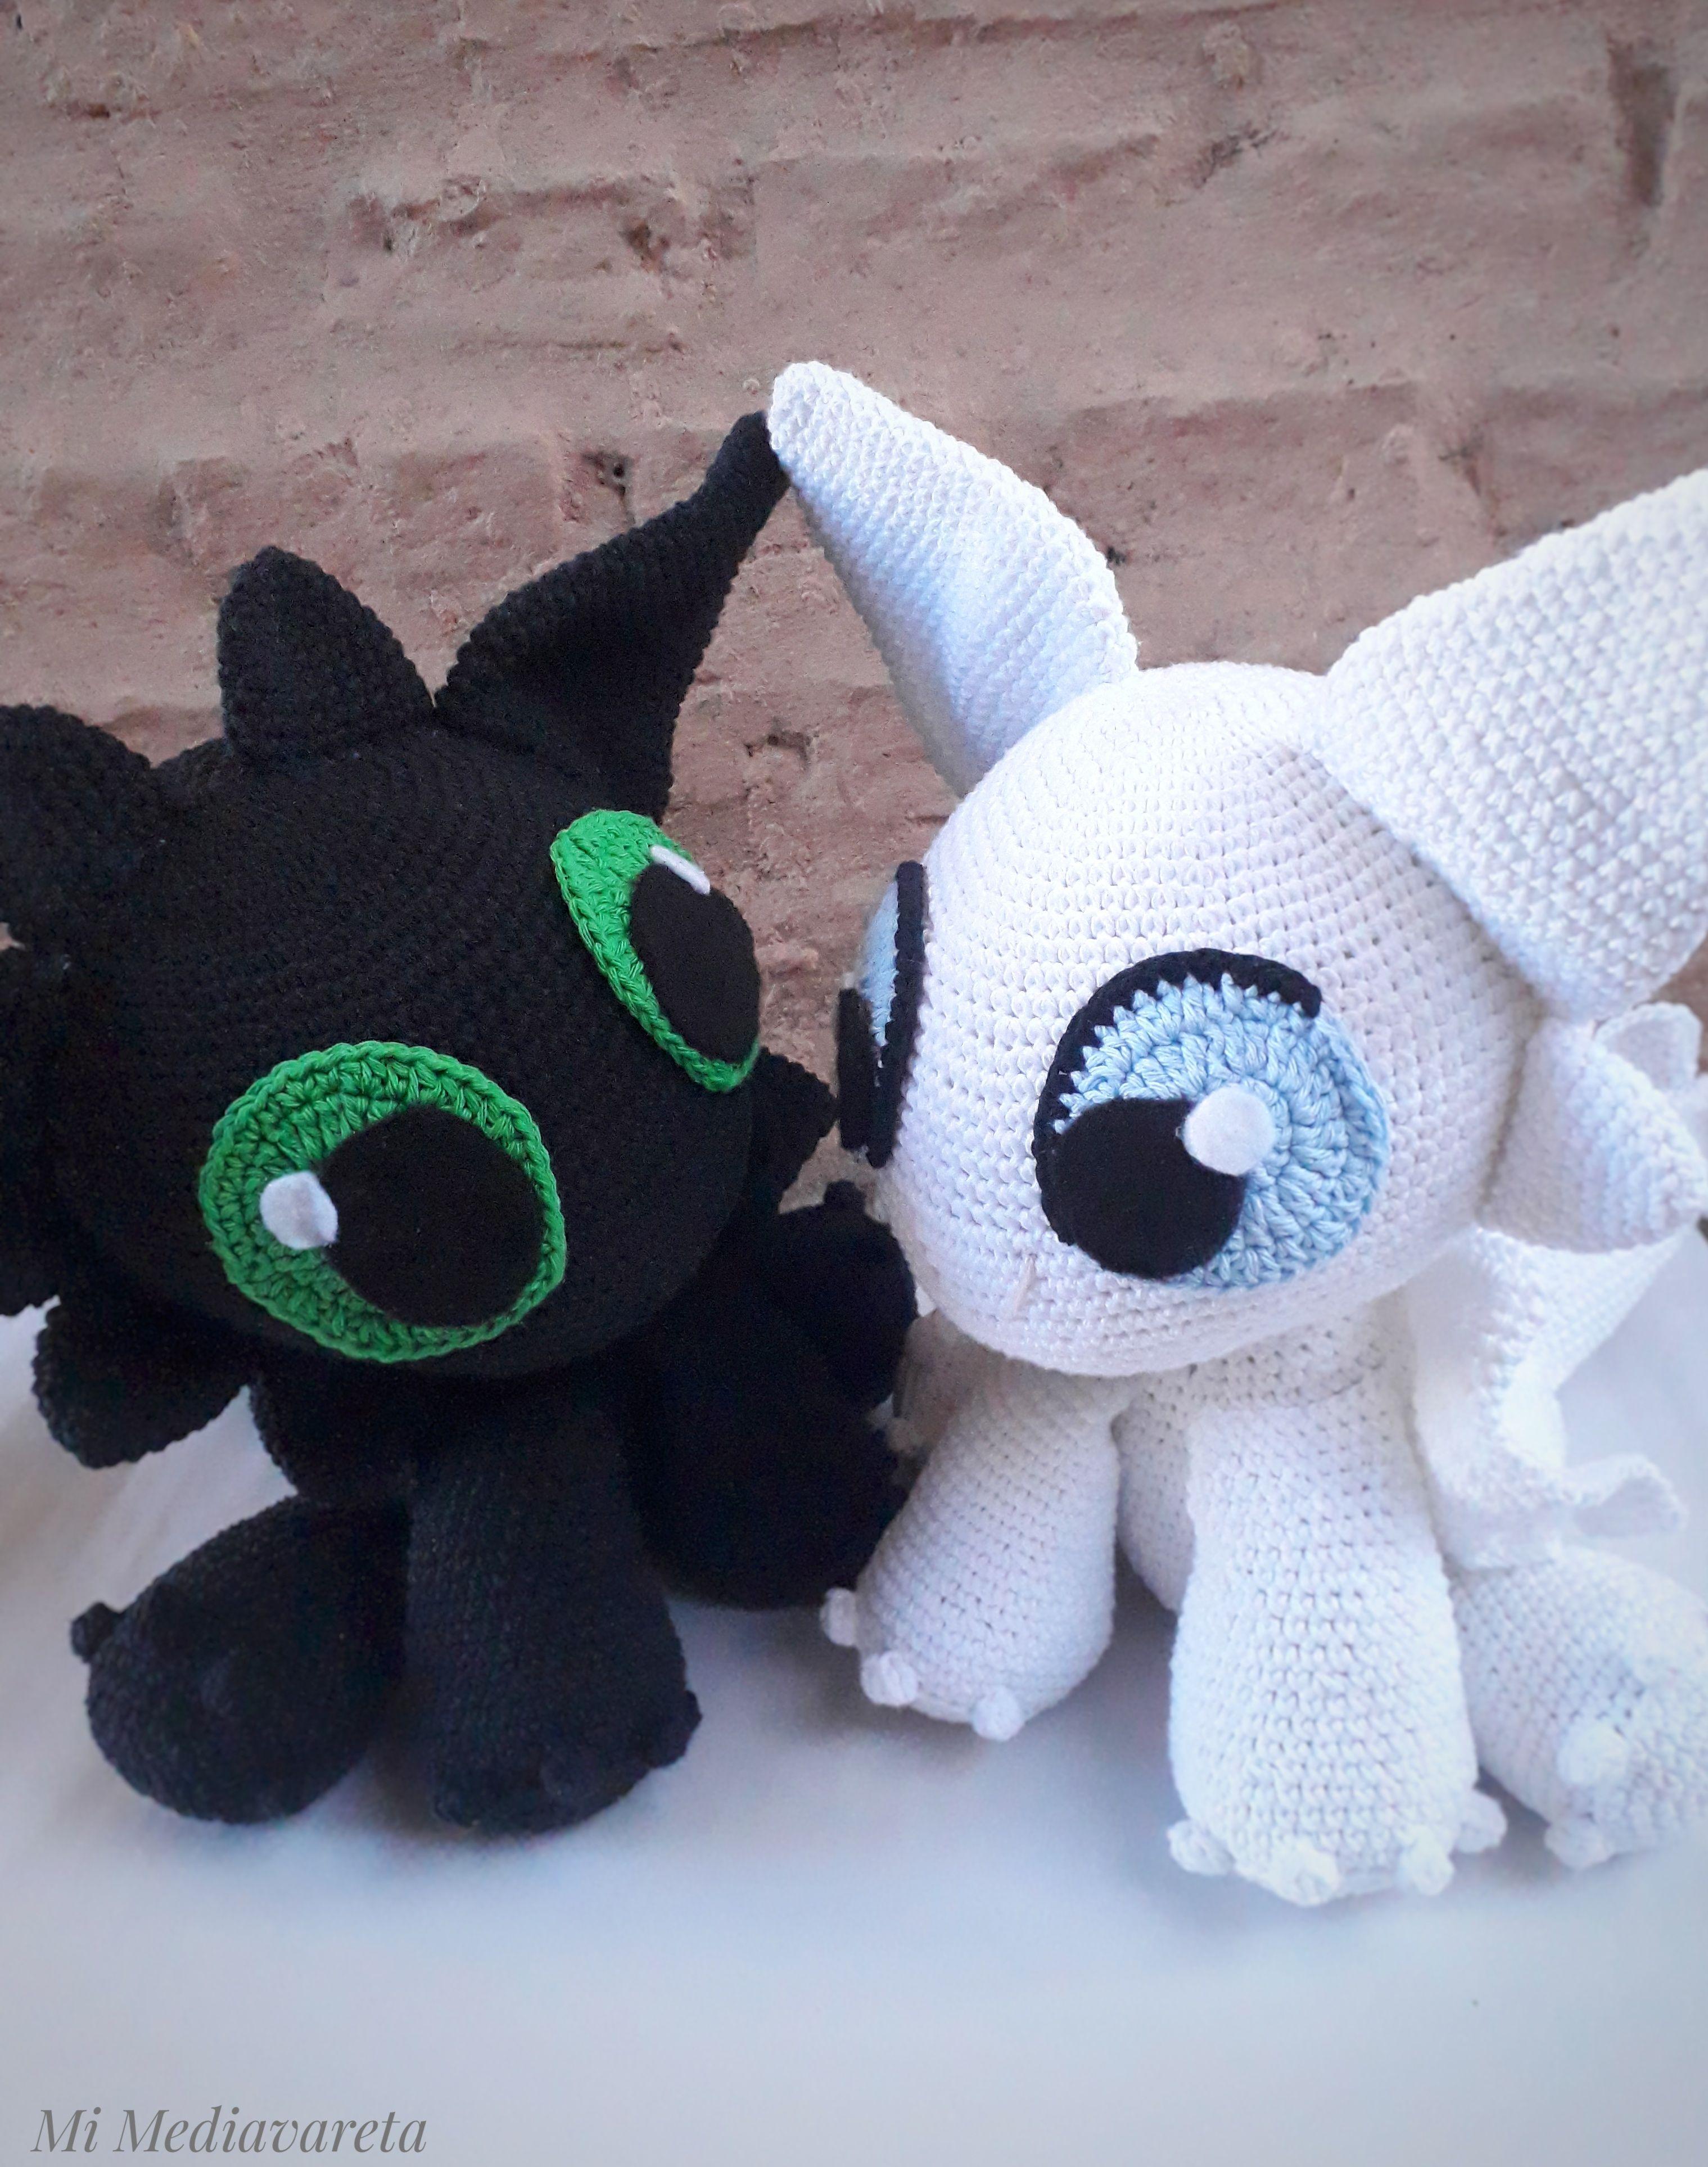 Toothless crochet chimuelo